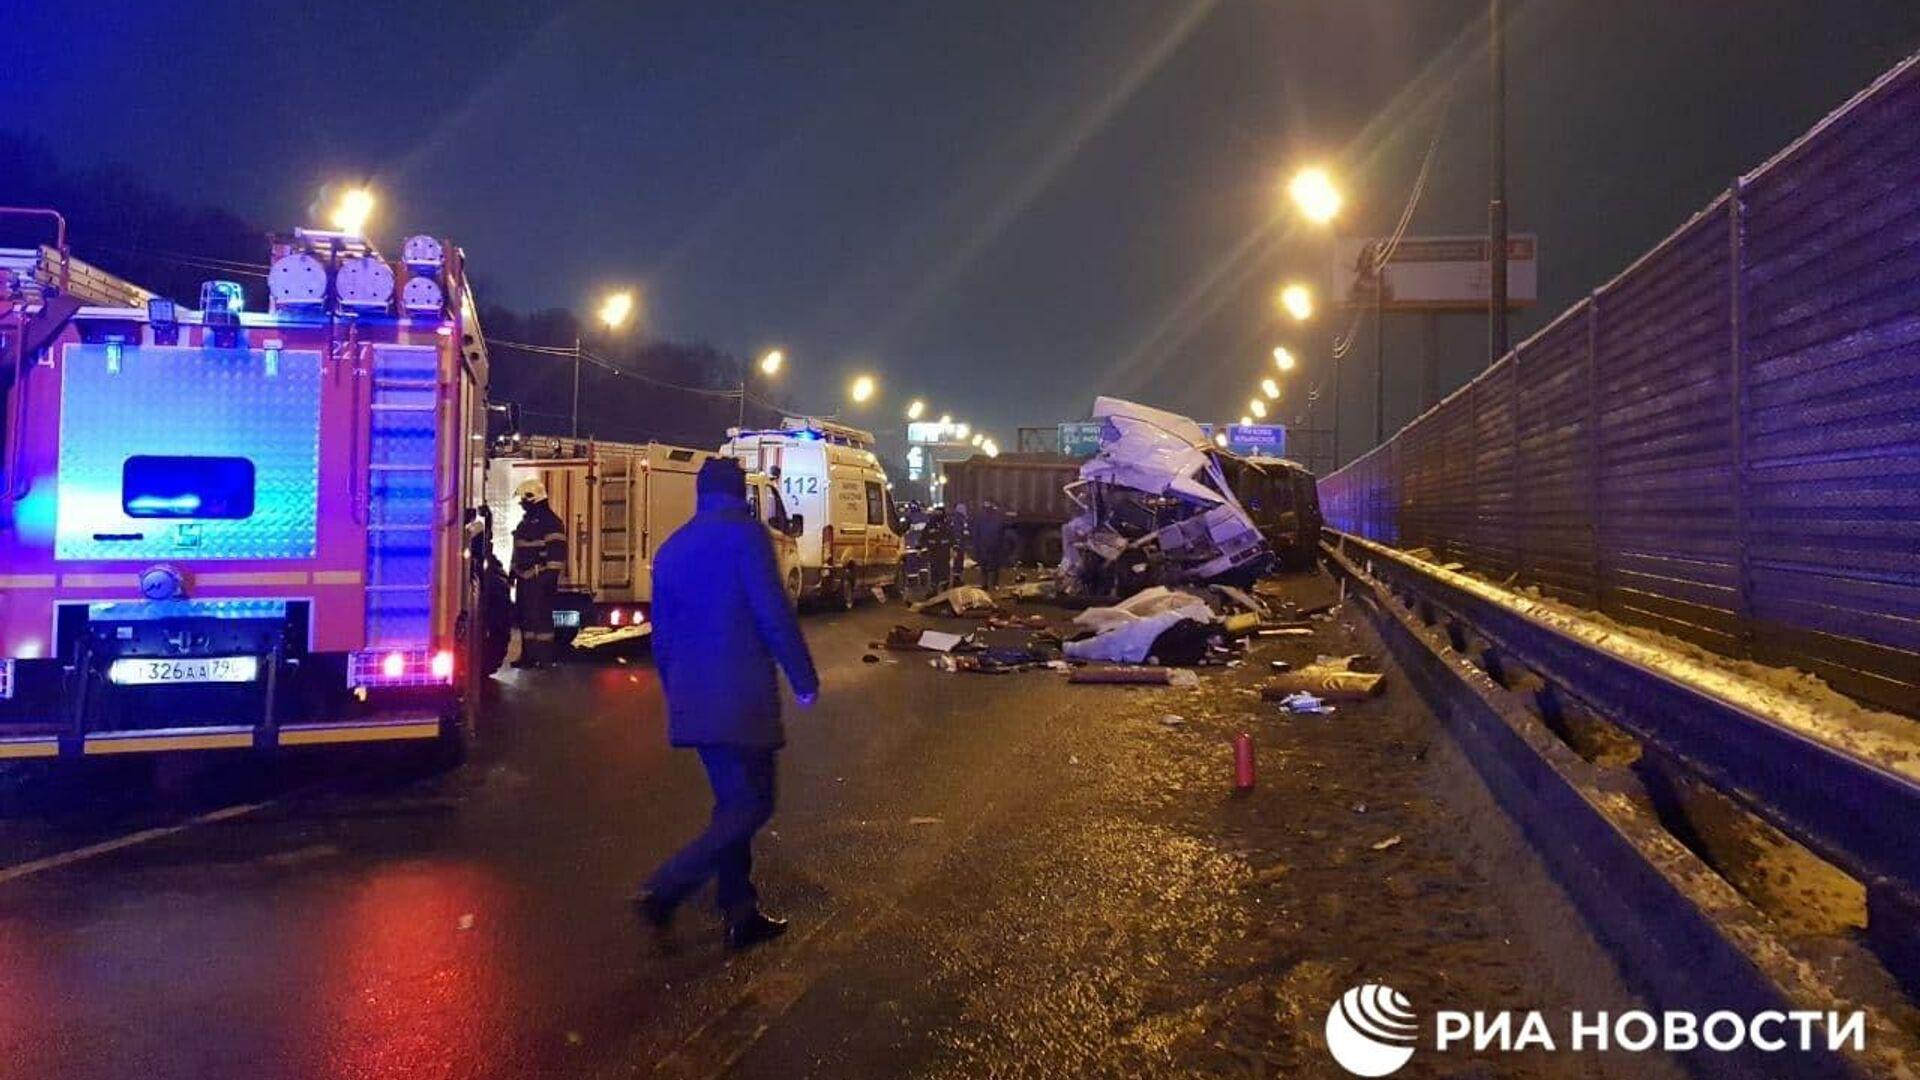 После ДТП в Подмосковье госпитализировали 21 человека, сообщил источник